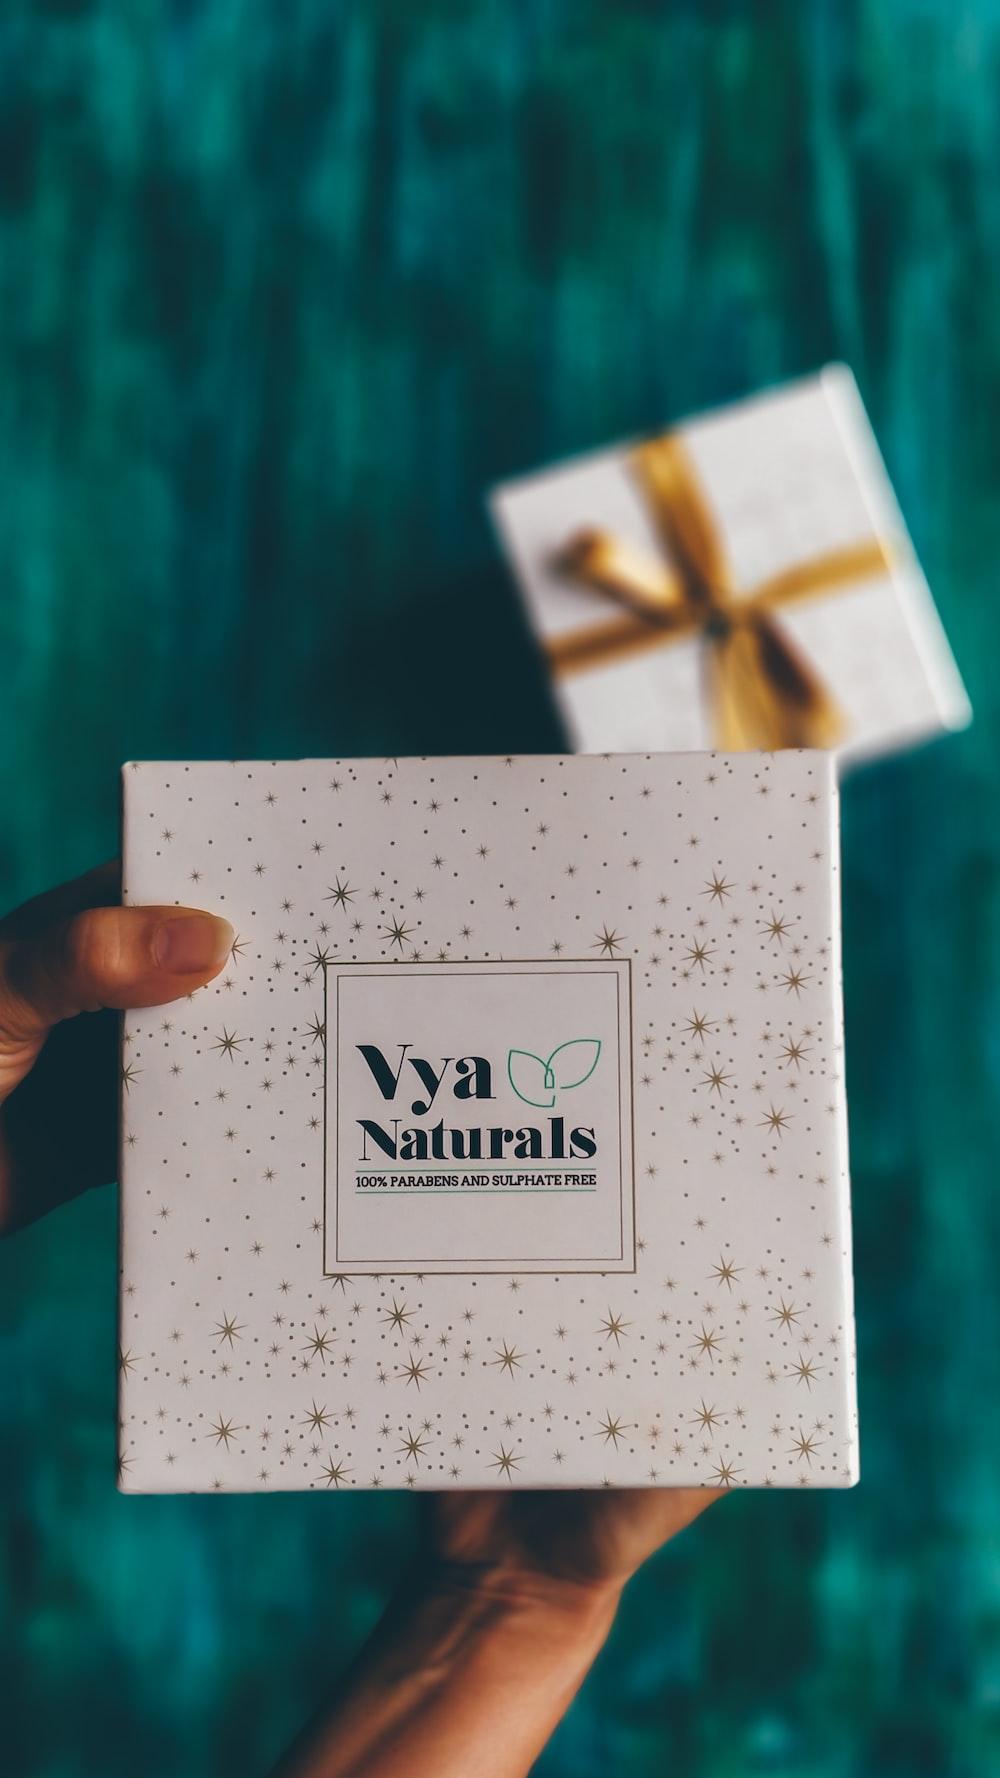 Vya Natural box